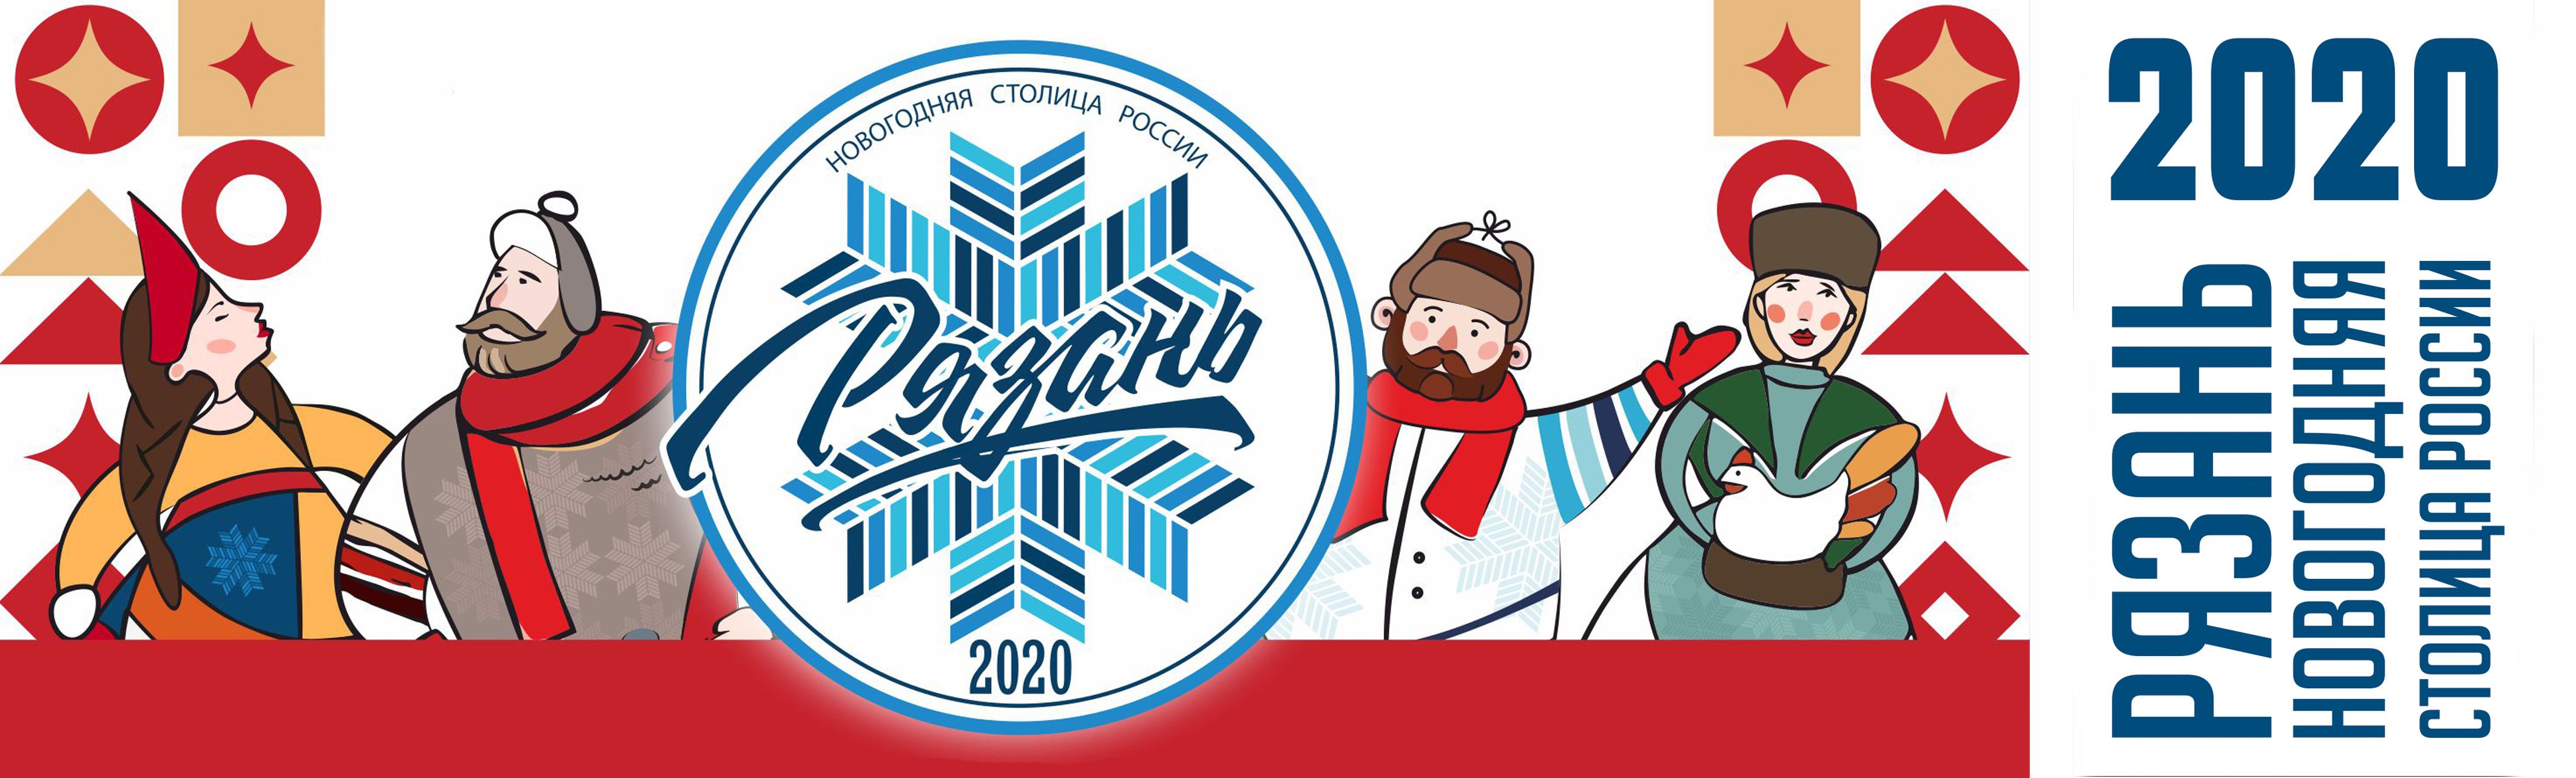 Новогодняя столица России